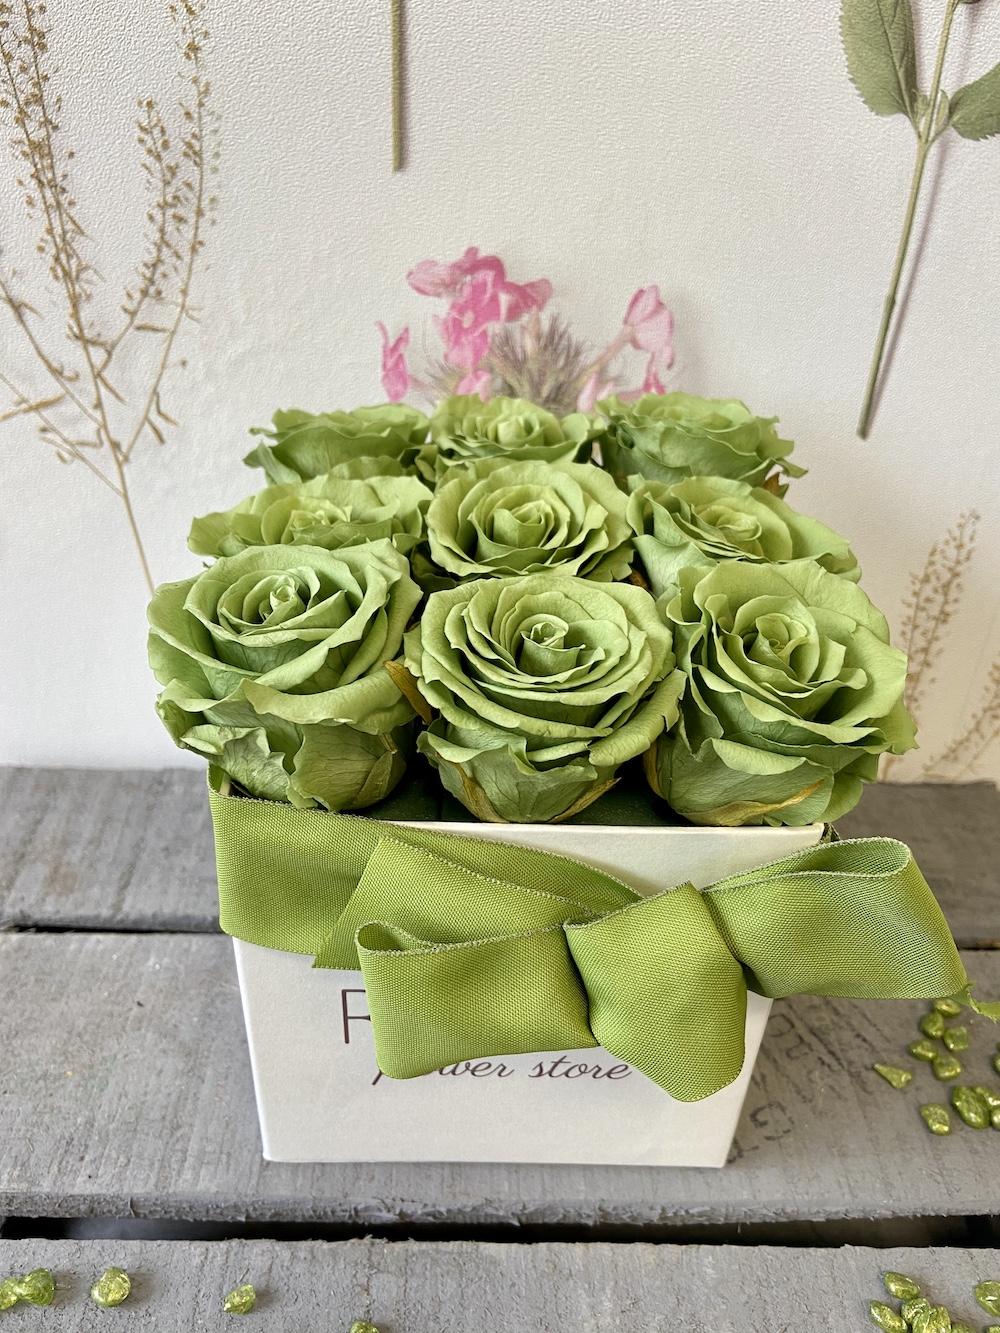 flower box rose stabilizzate verde florashopping Rossana flower store NovellinoIMG_0418